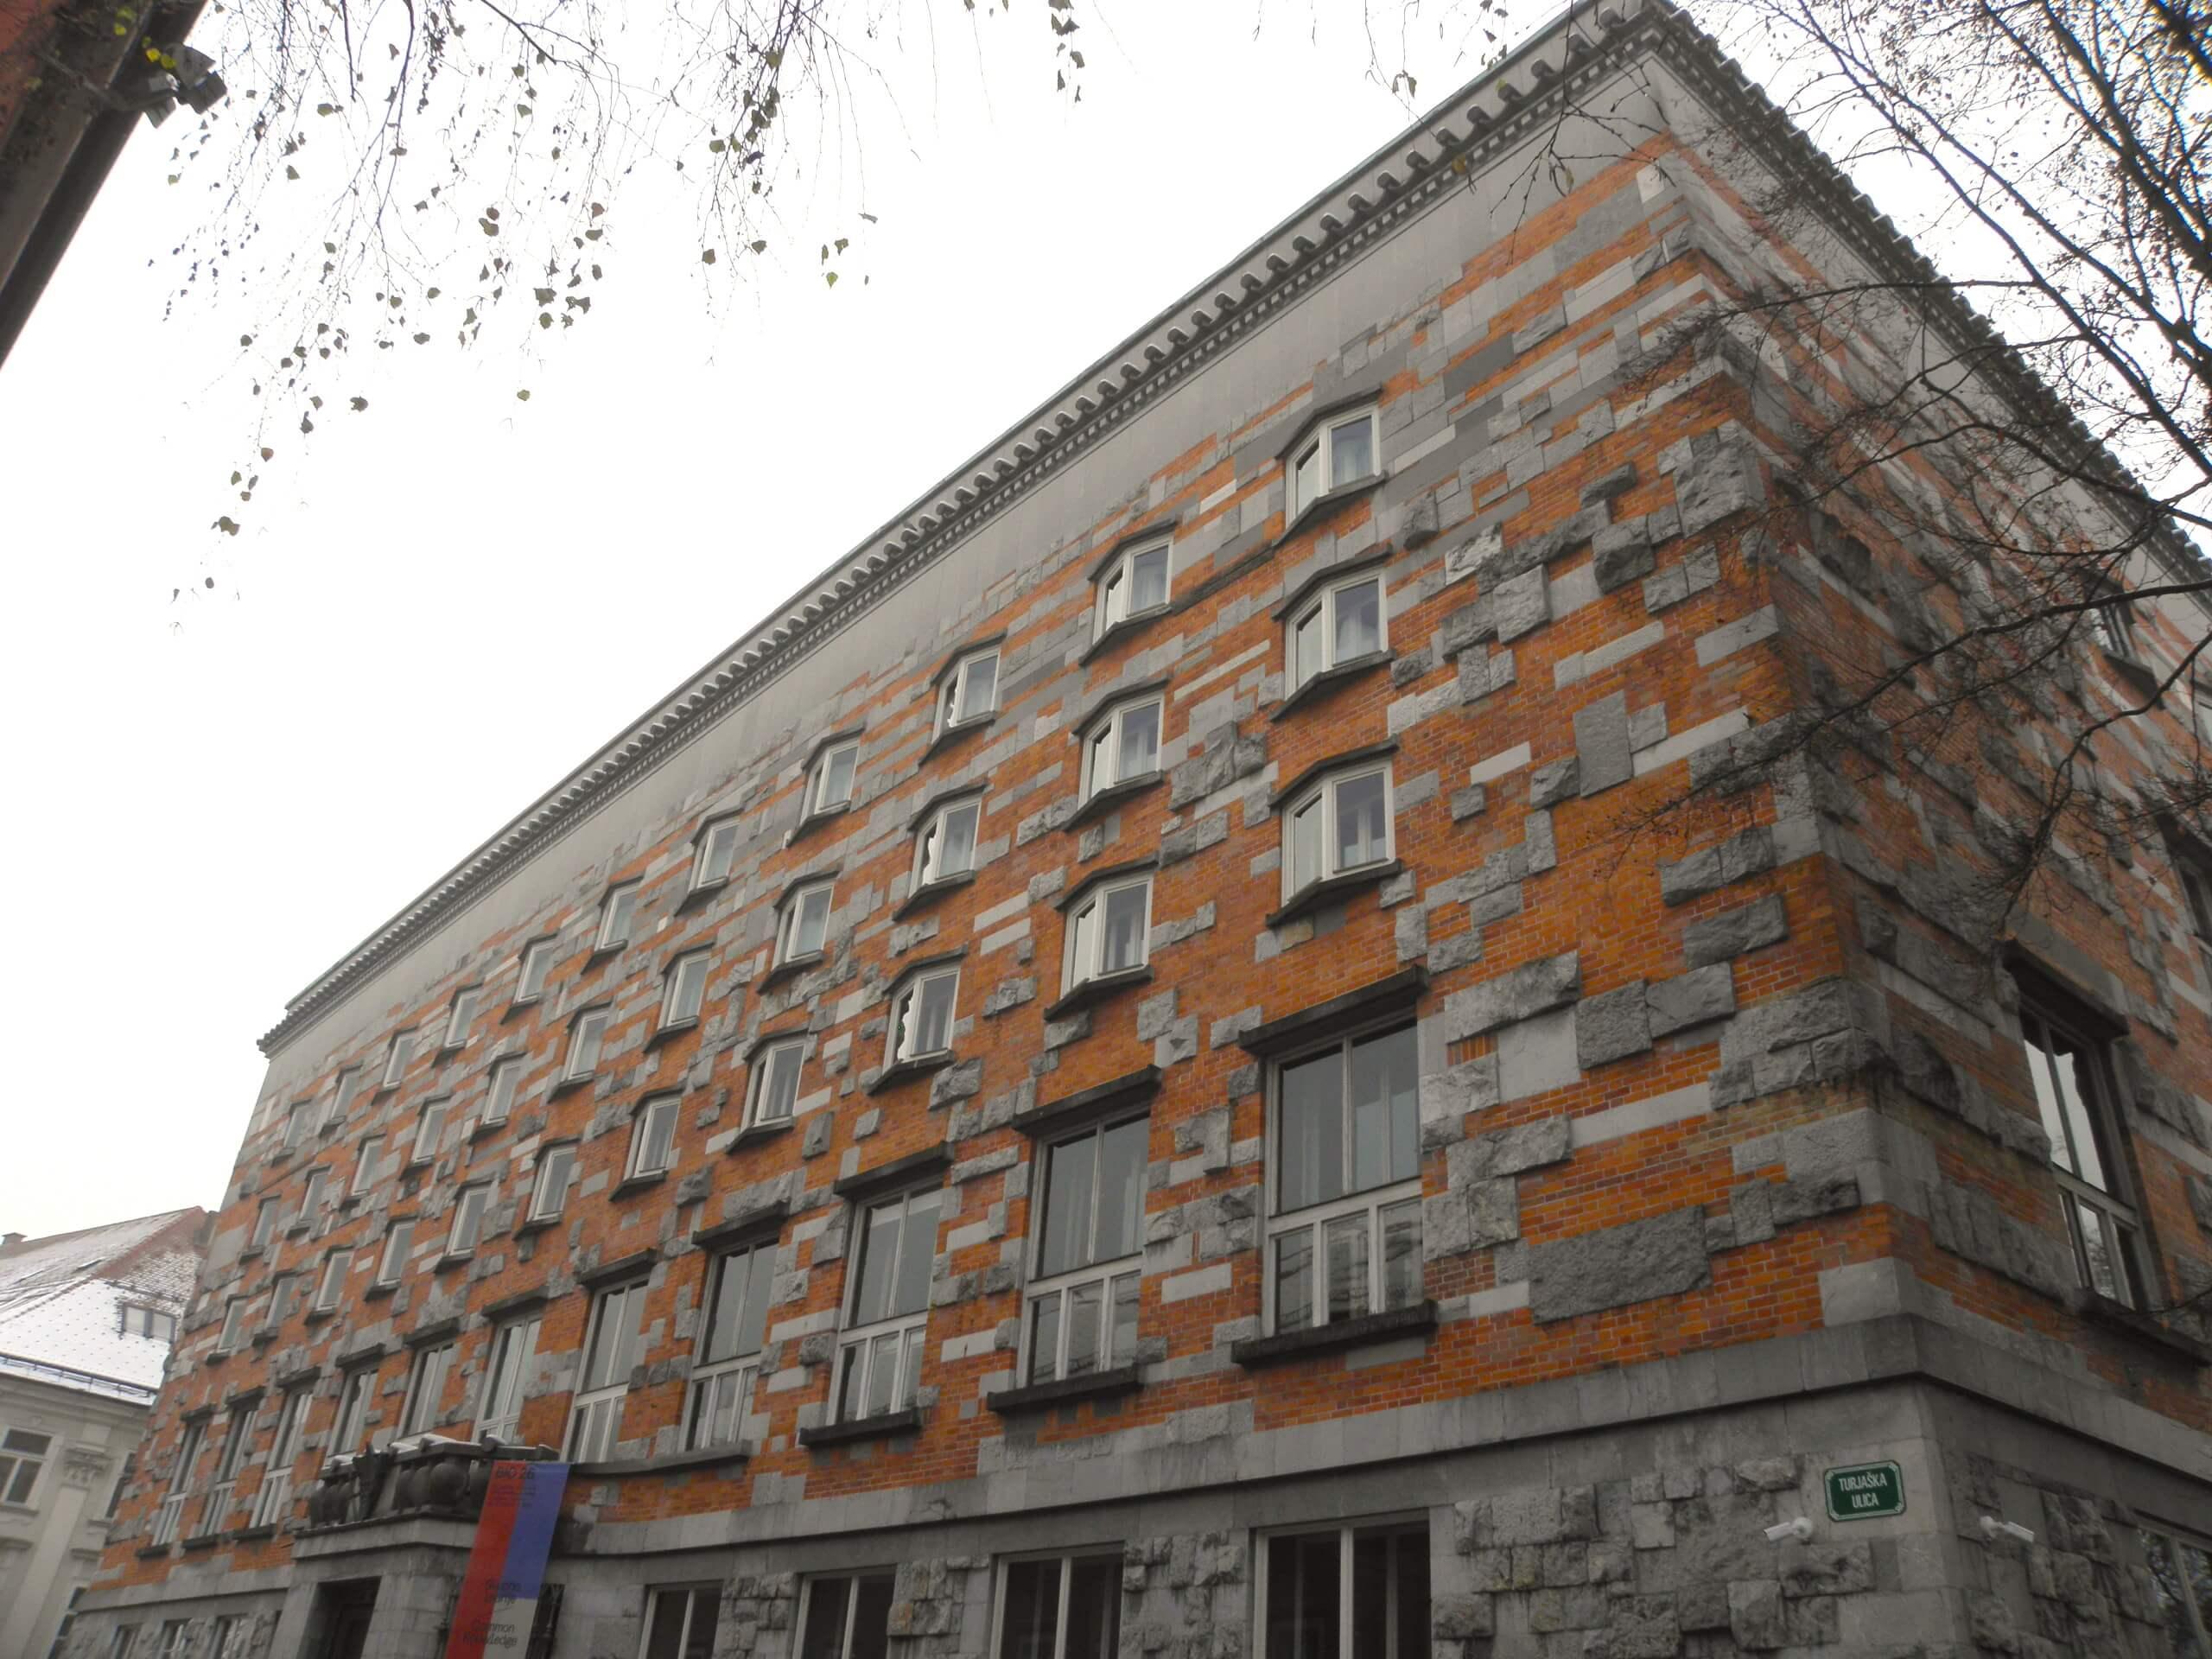 リュブリャナ、建築家プレチュニクと僕らドイツの建築家